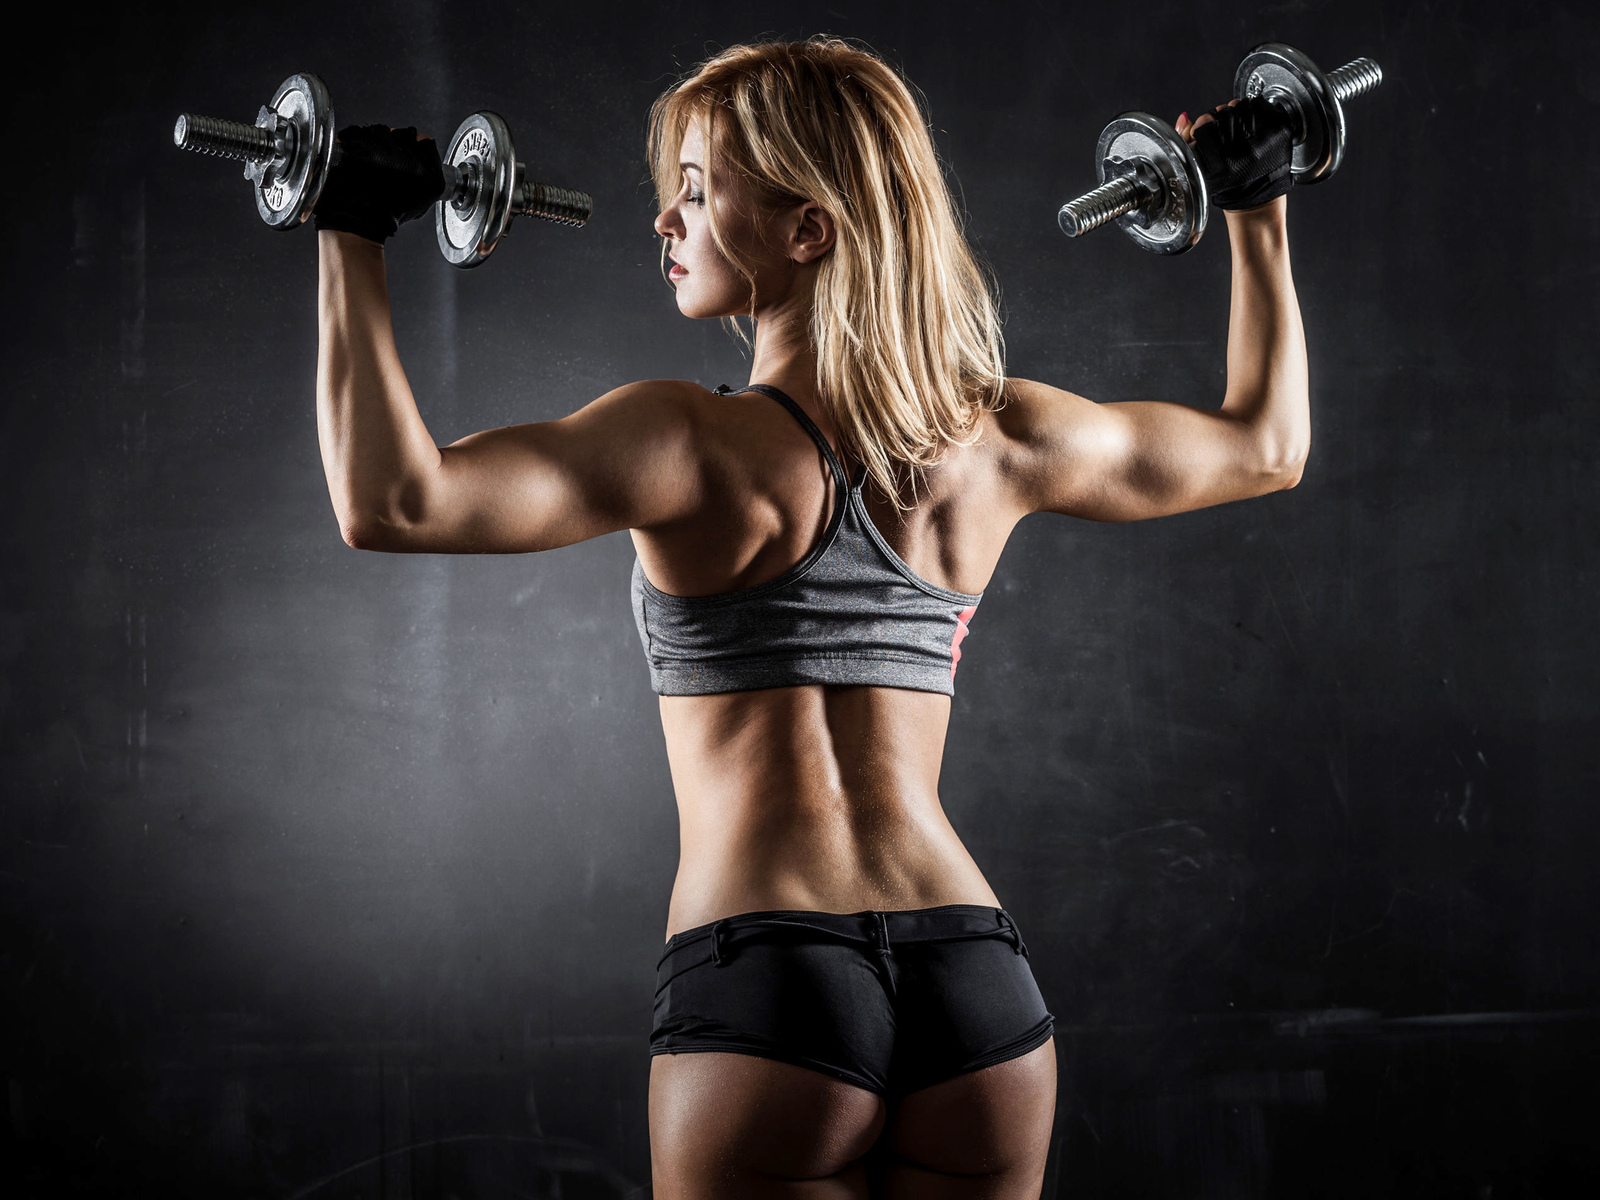 спорт, девушка, красивая, попа, фитнес, руки